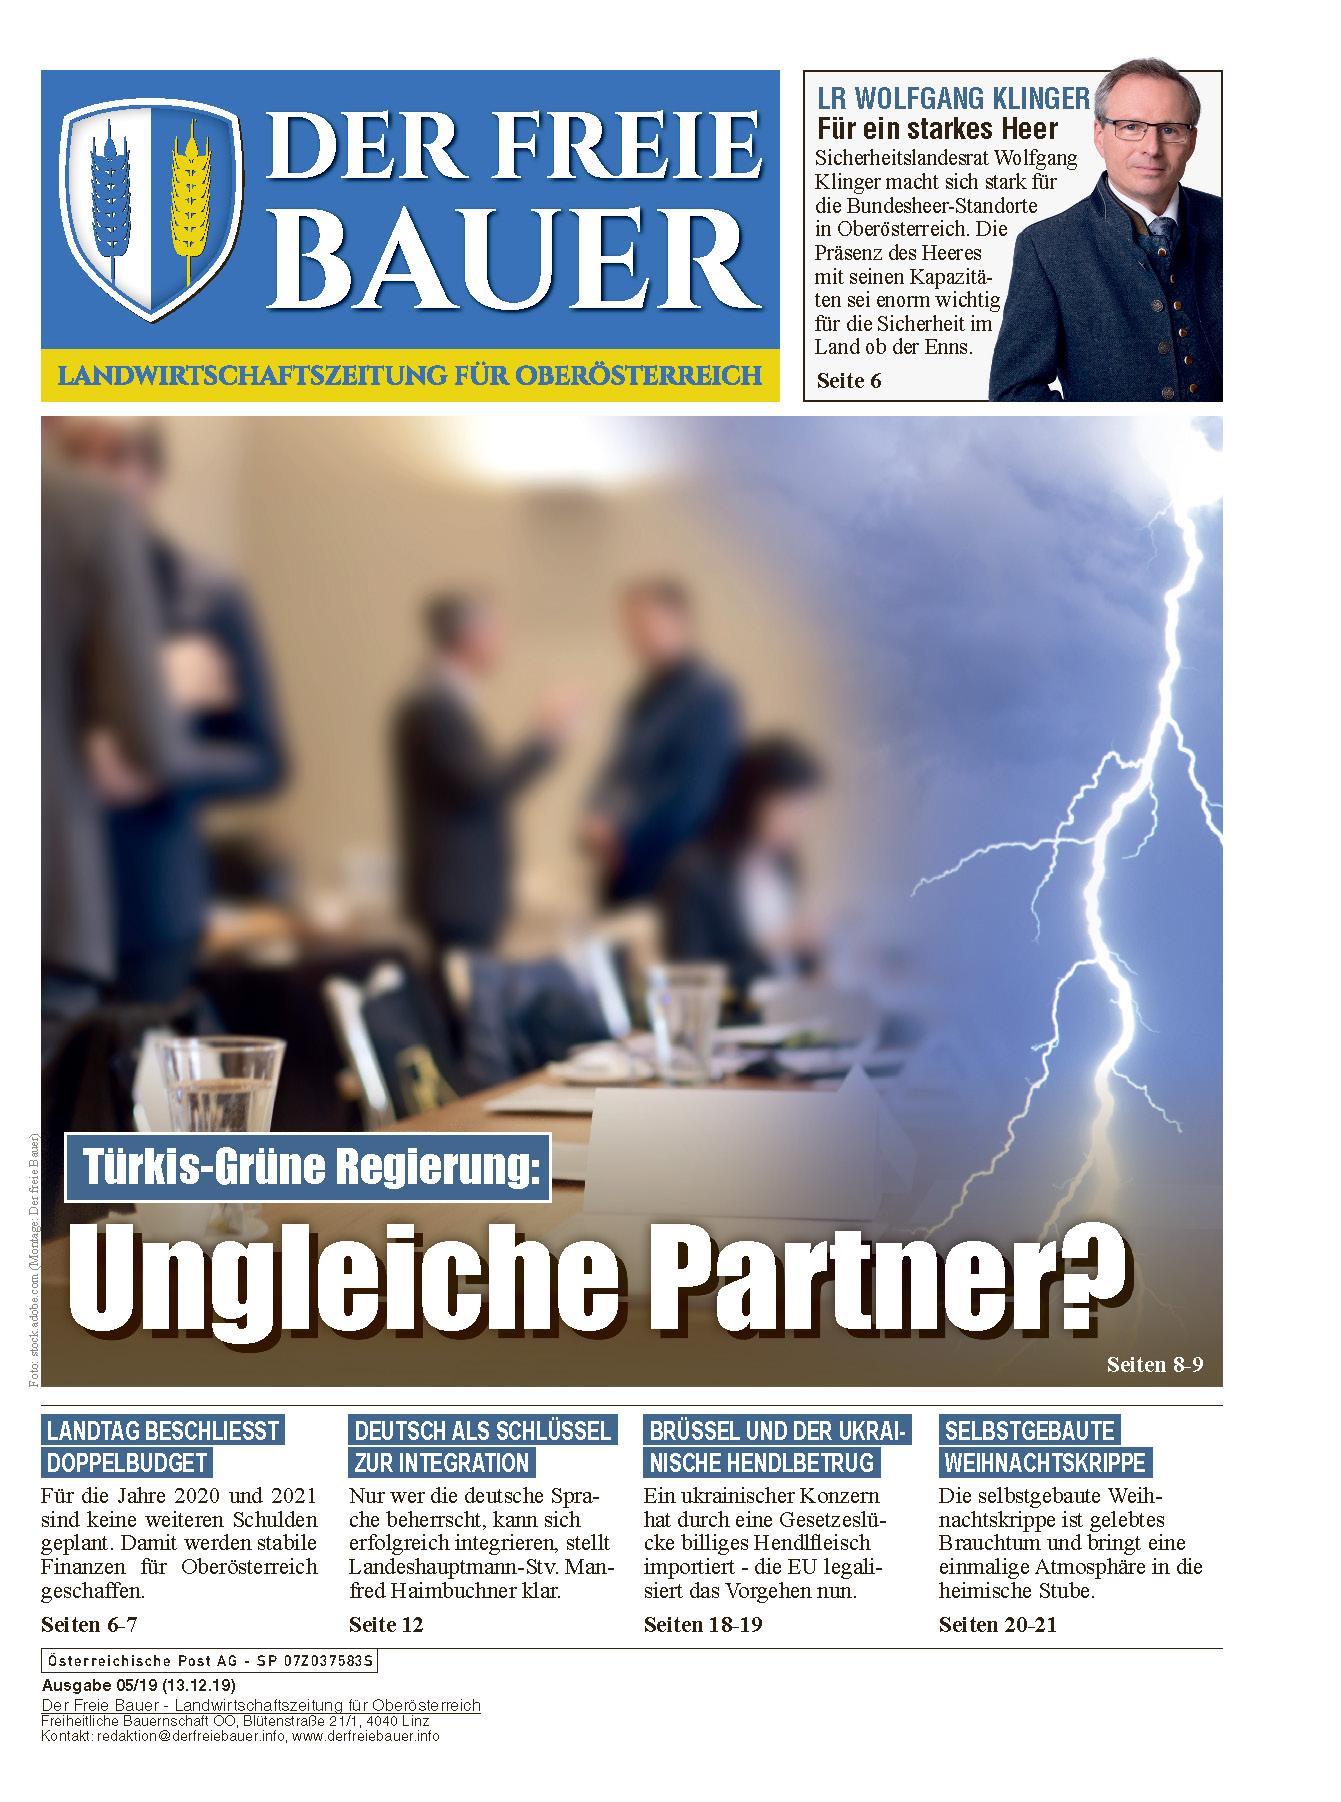 Der Freie Bauer 05/2019